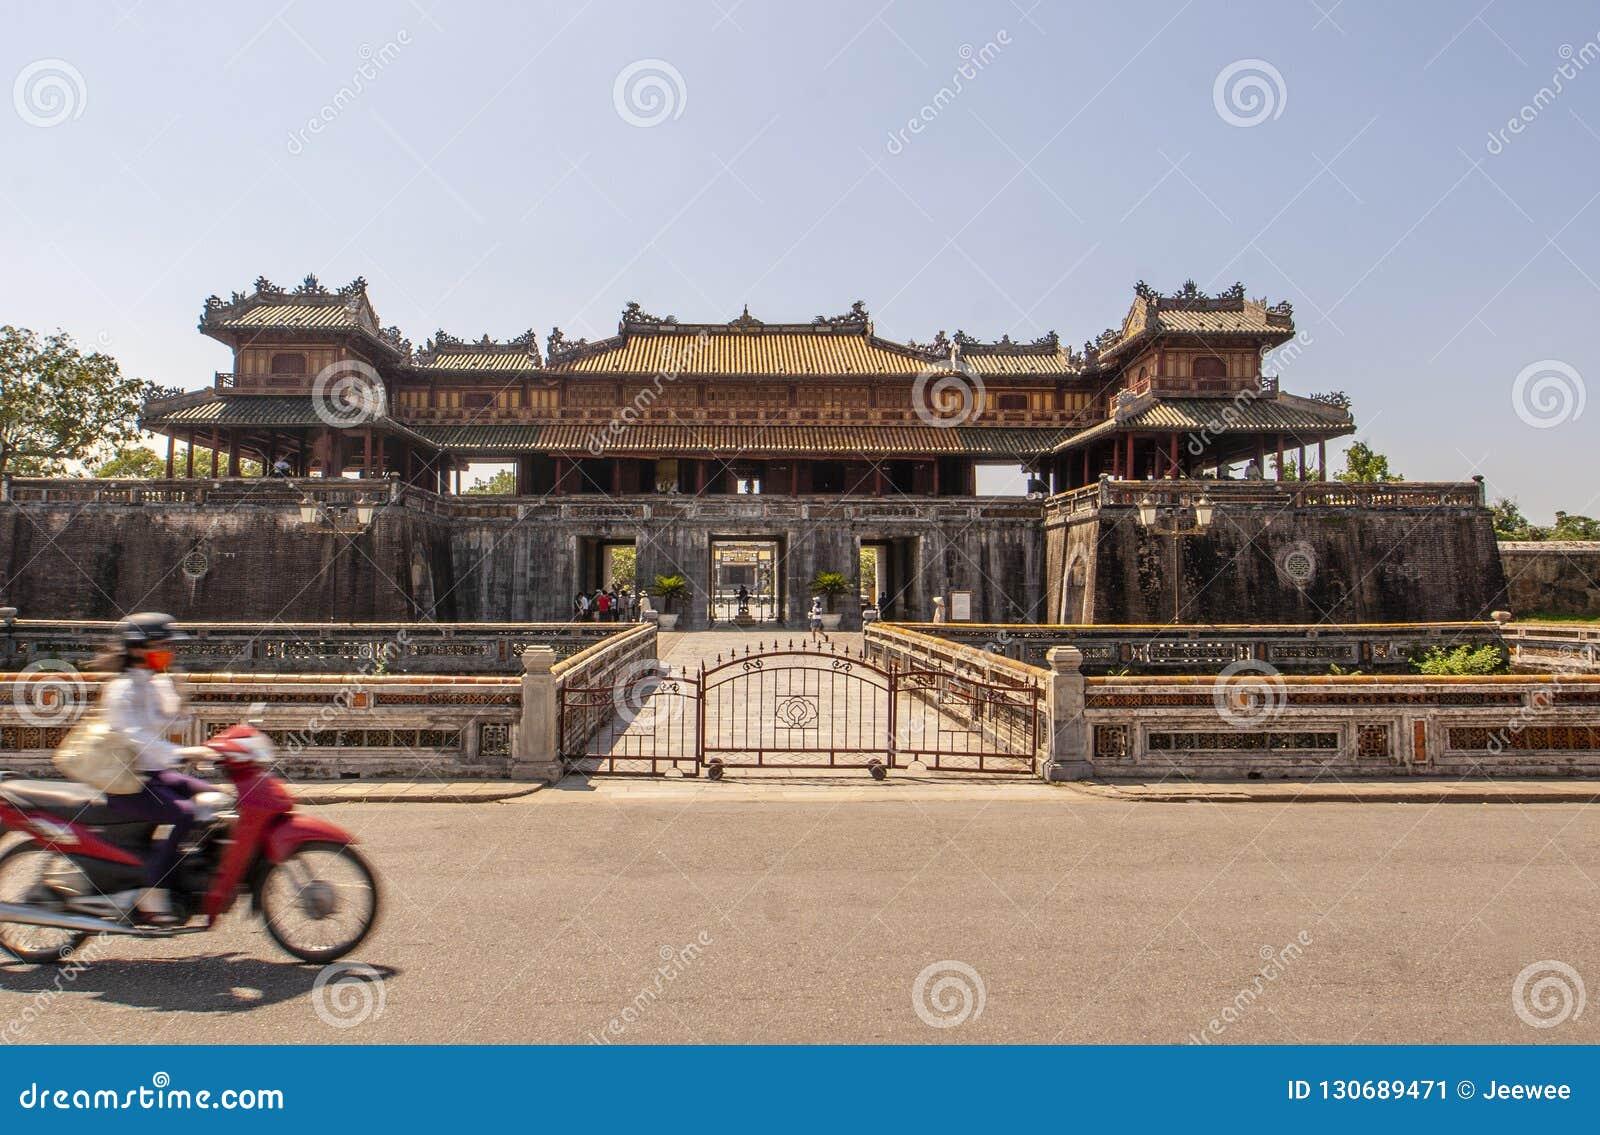 Exterior de Ngo Mon Gate, parte de la ciudadela en la capital vietnamita anterior Hué, Vietnam central, Vietnam